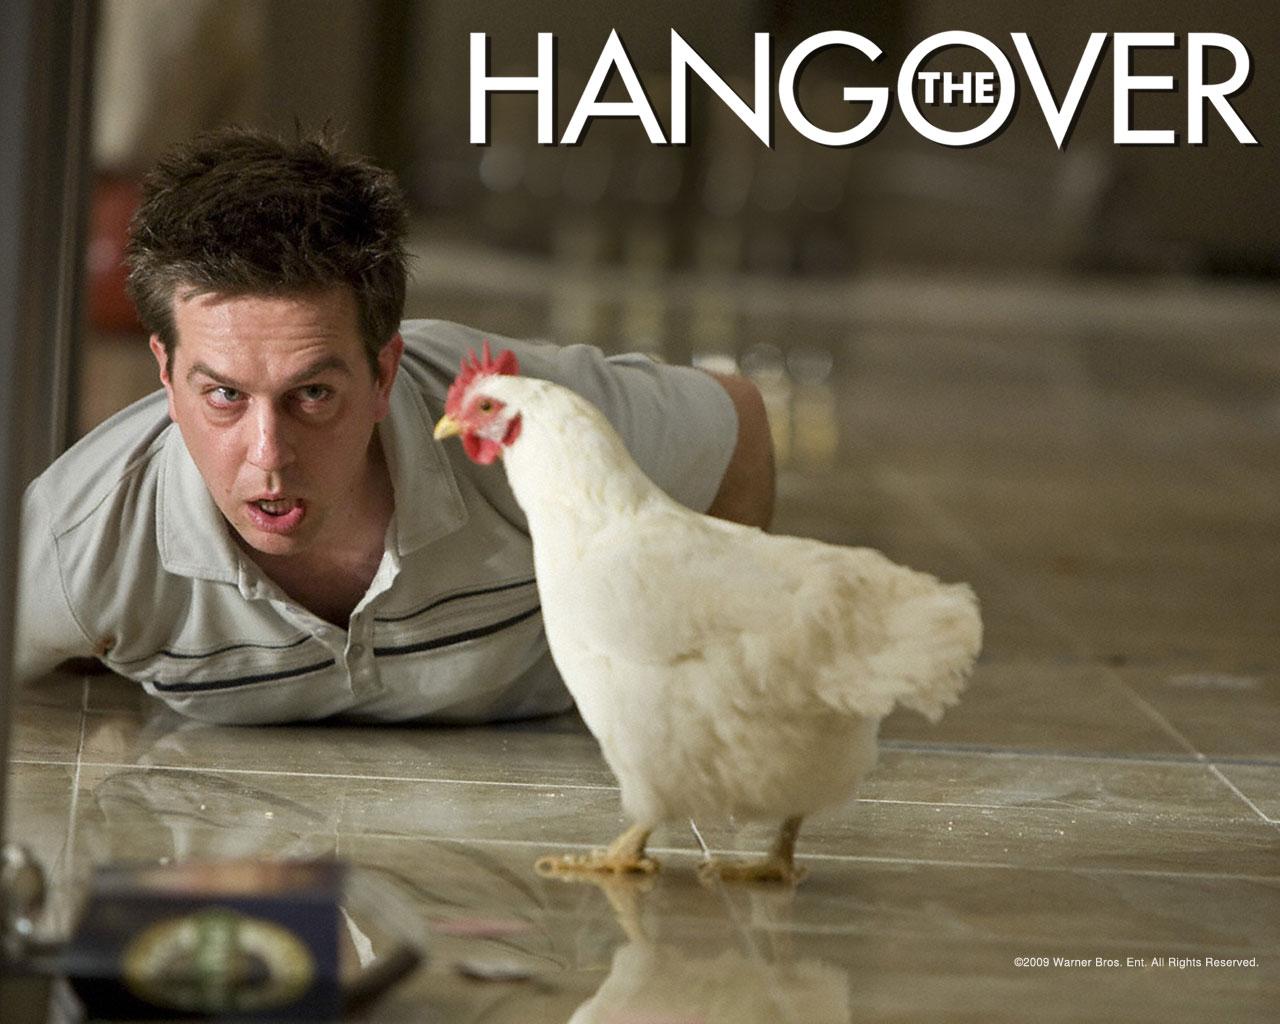 http://2.bp.blogspot.com/-xpvnjIdftqE/UGysvSz88II/AAAAAAAAA-o/KCgCGpzsjXI/s1600/The_Hangover.jpg